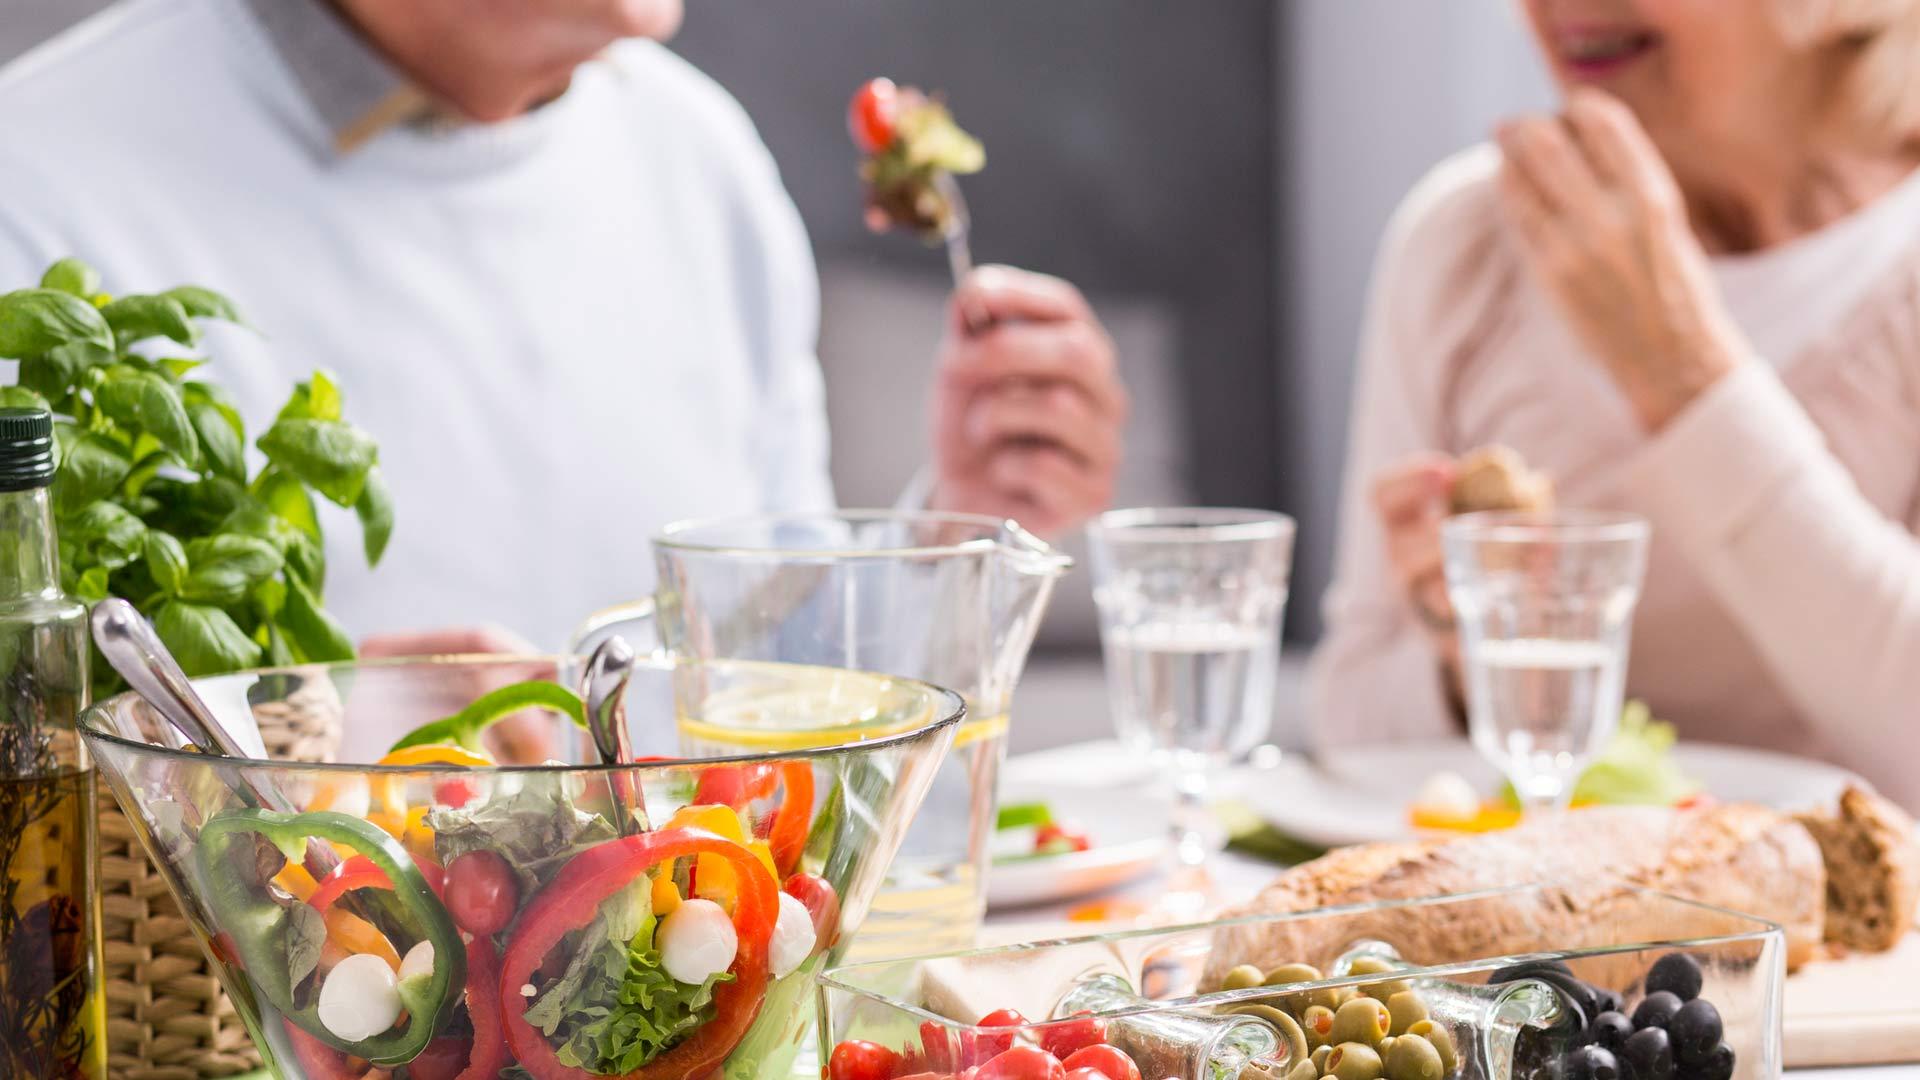 Hyvä rasvan laatu sekä riittävä antioksidanttien ja vitamiinien saanti ovat merkittävimpiä tekijöitä alkavan muistisairauden hidastamisessa.